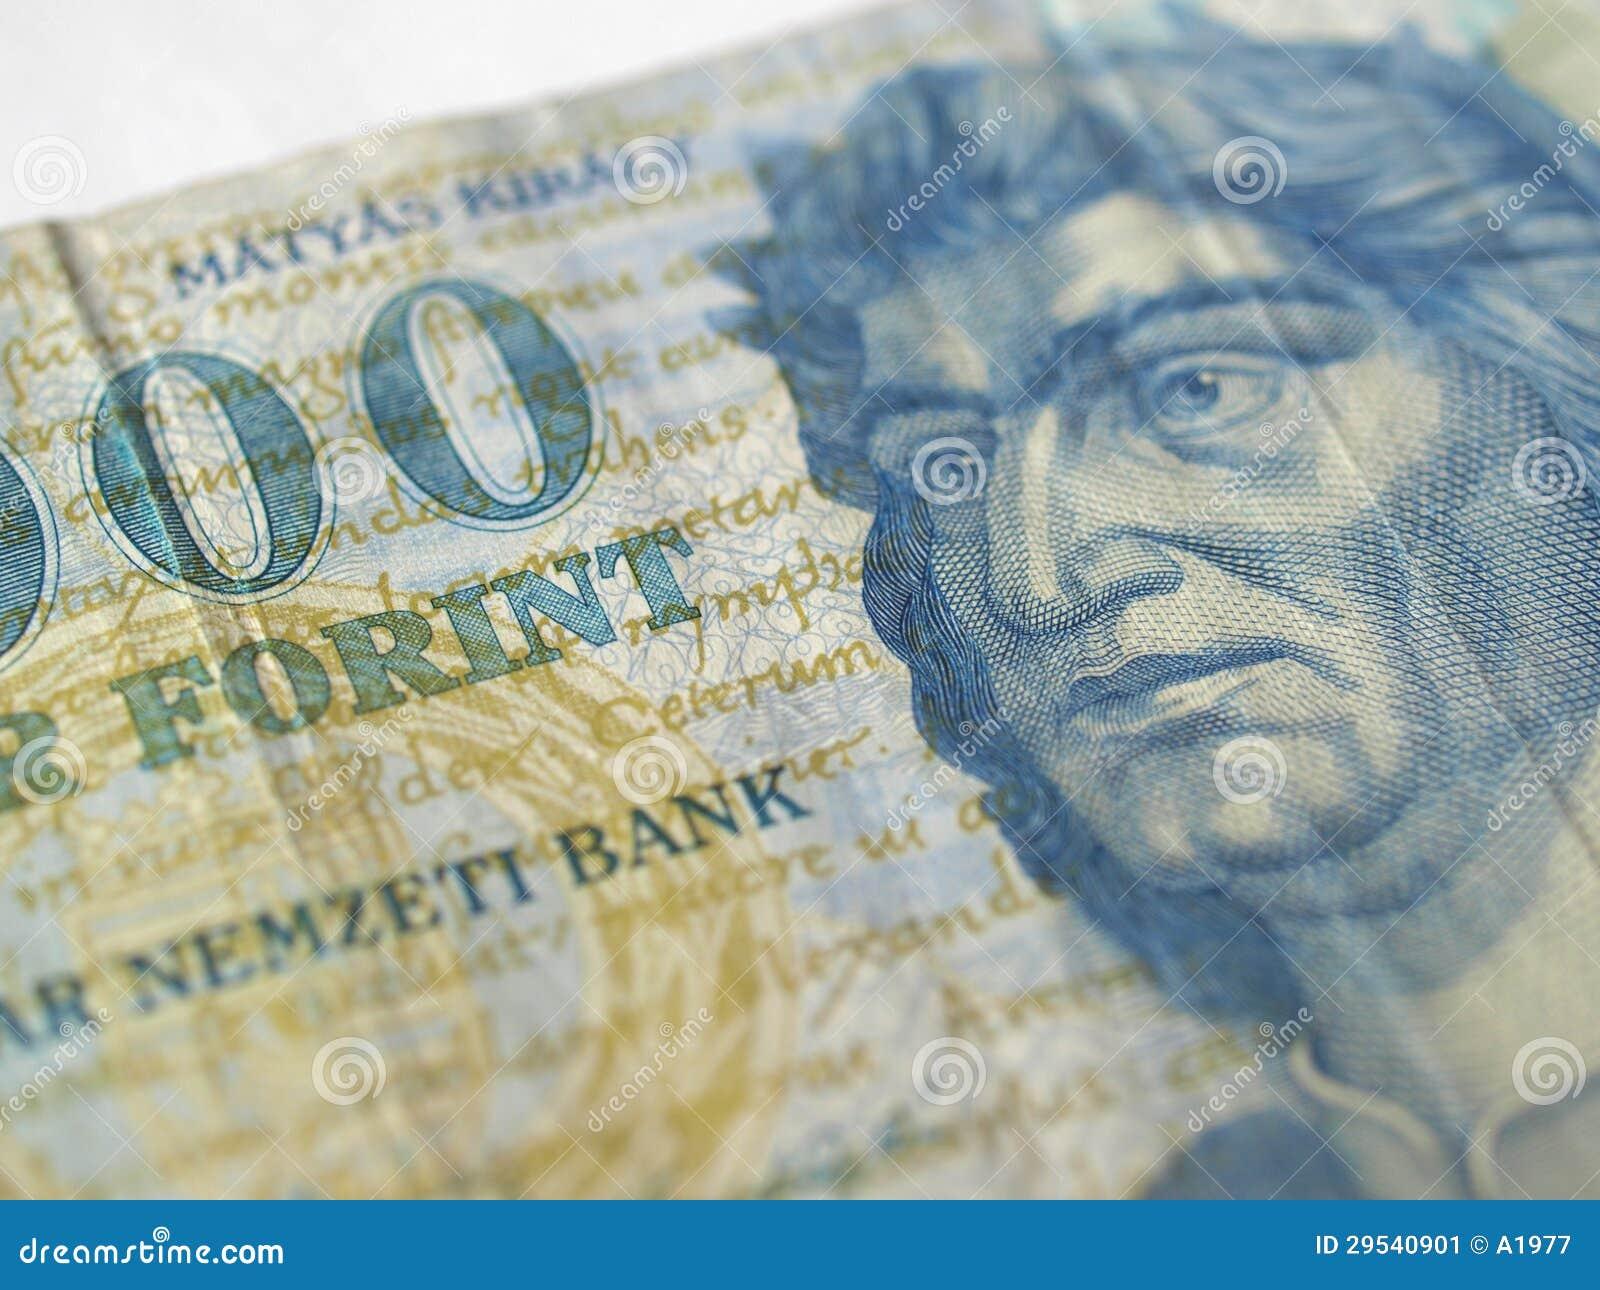 Cédulas húngaras da forint